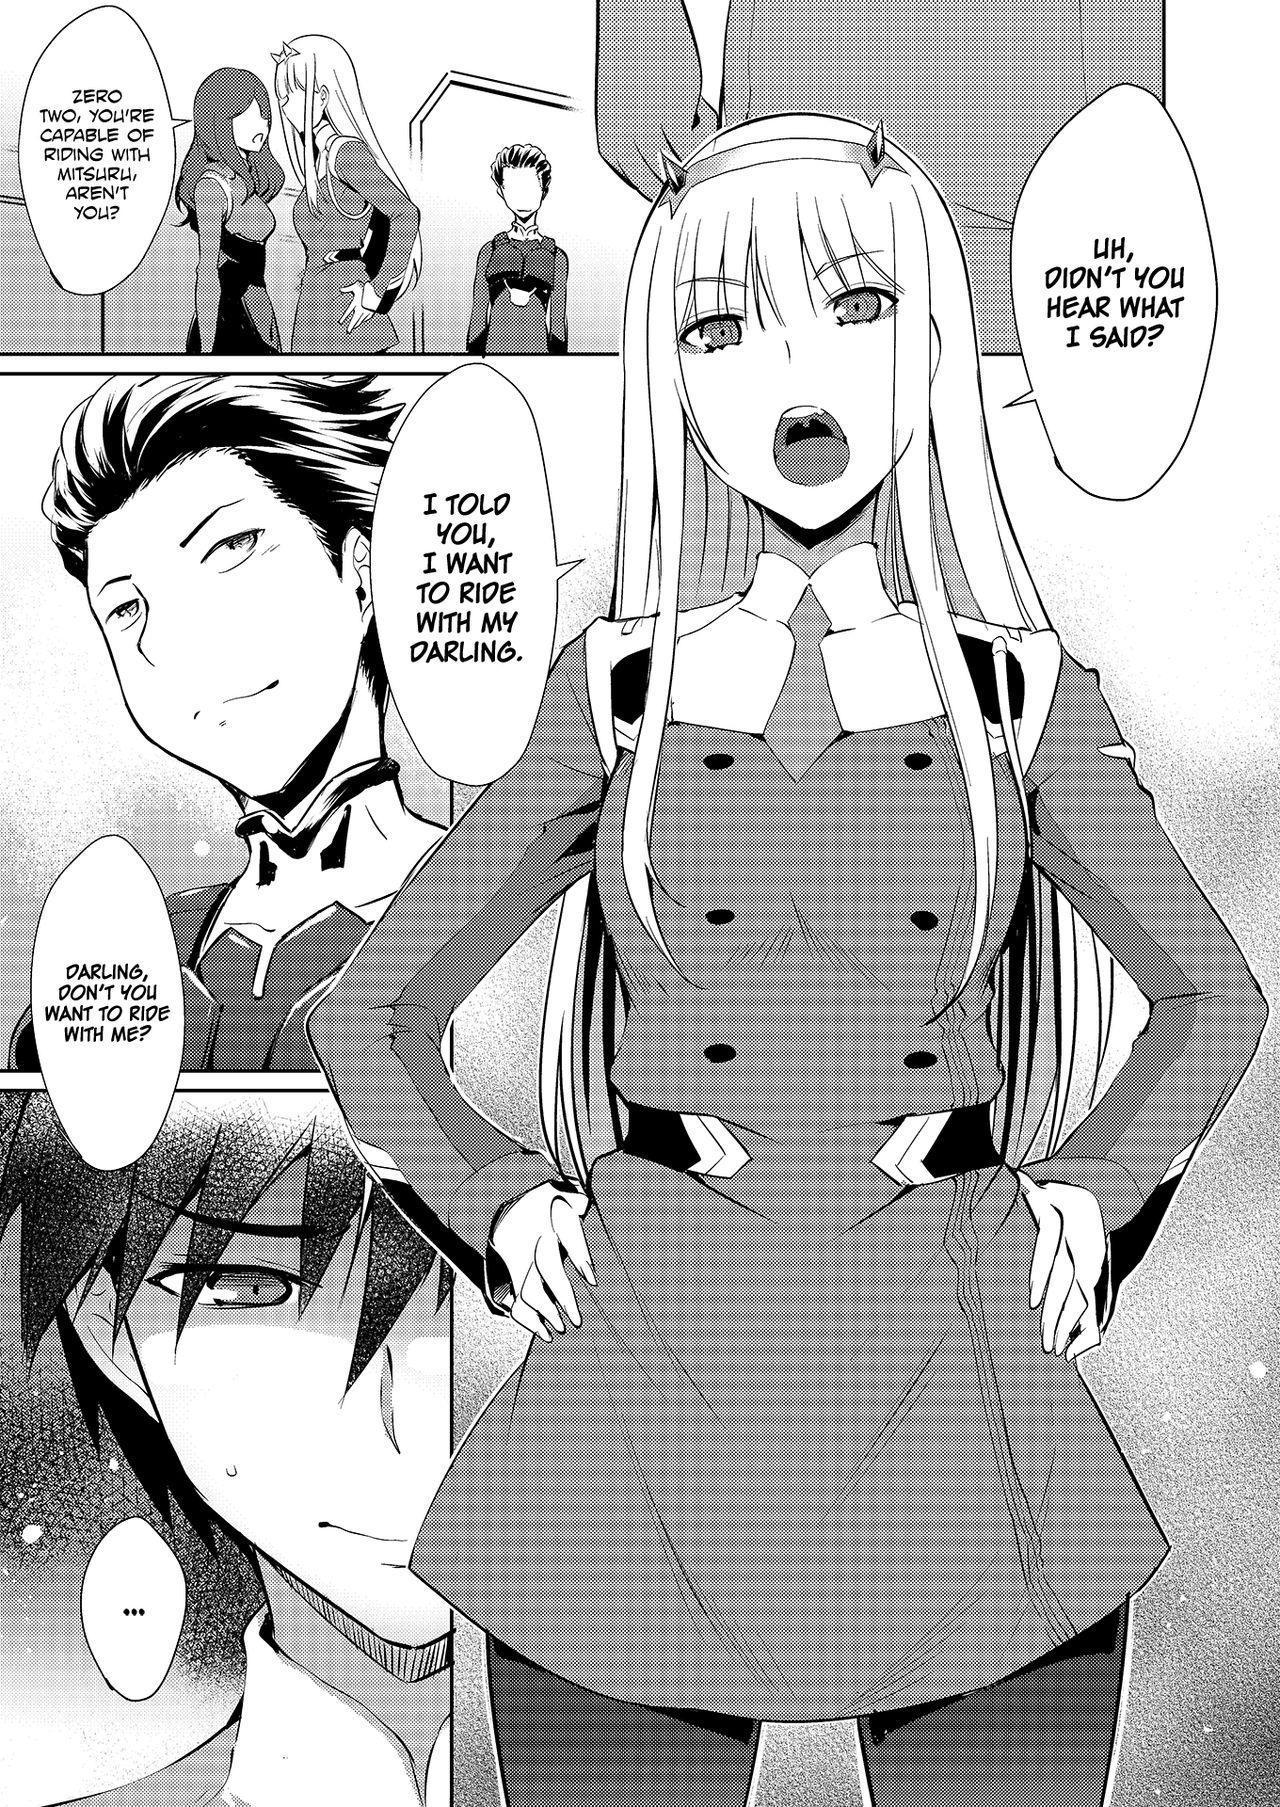 Mitsuru in the Zero Two 4